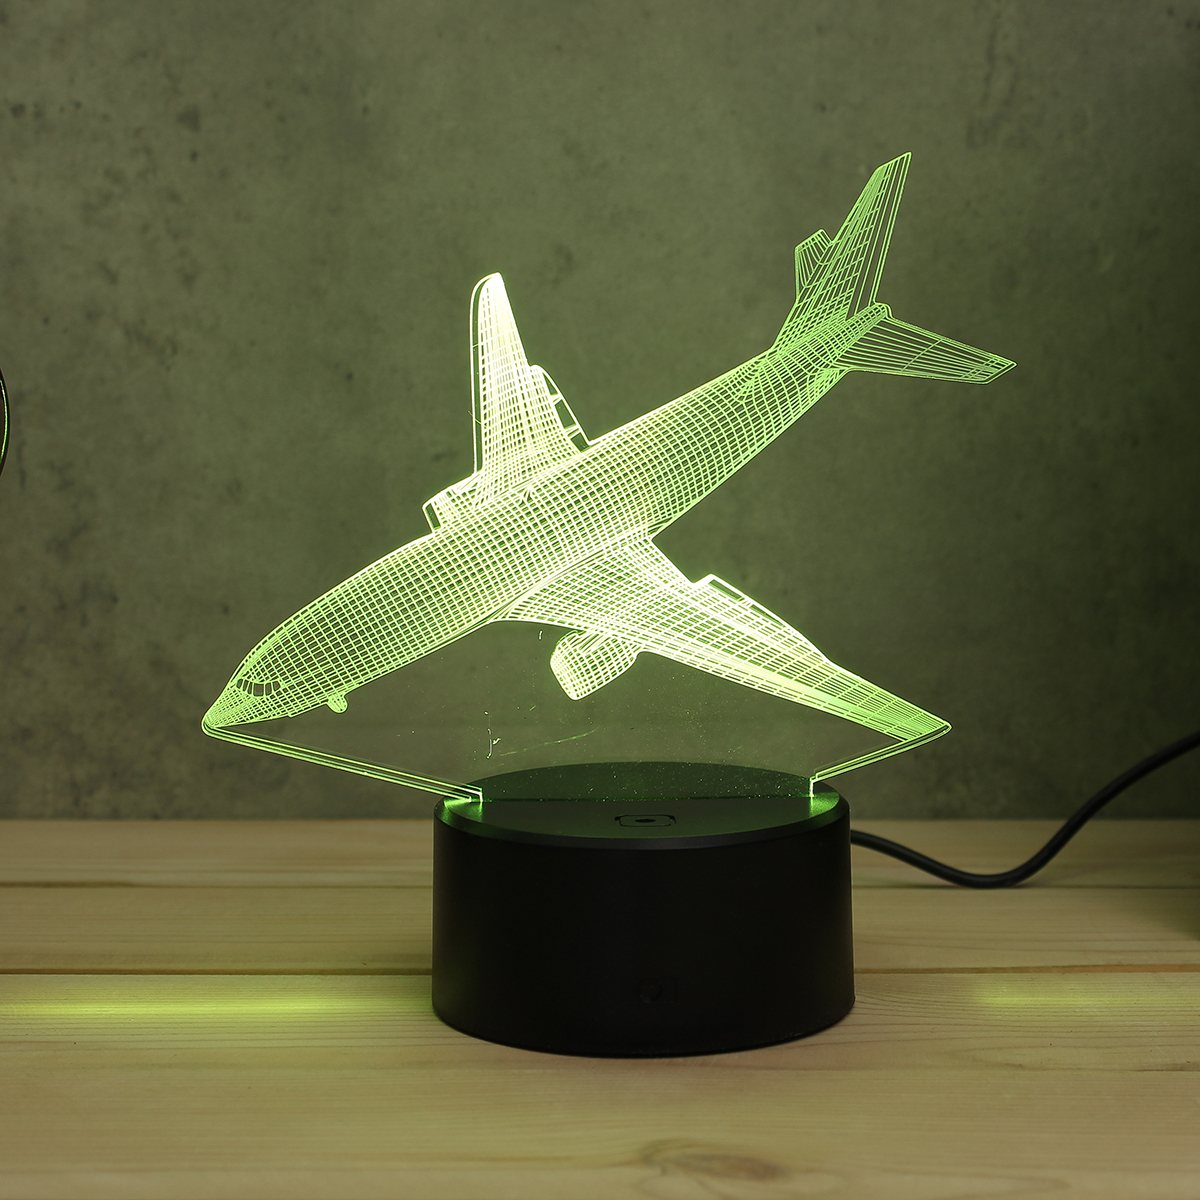 Flugzeug Acryl FÜHRTE 3D Led-nachtlicht Spielzeug Lampe Air flugzeug Nacht Touch Tabelle 7 Farbe Schreibtisch Licht DC5V Für Kind weihnachten